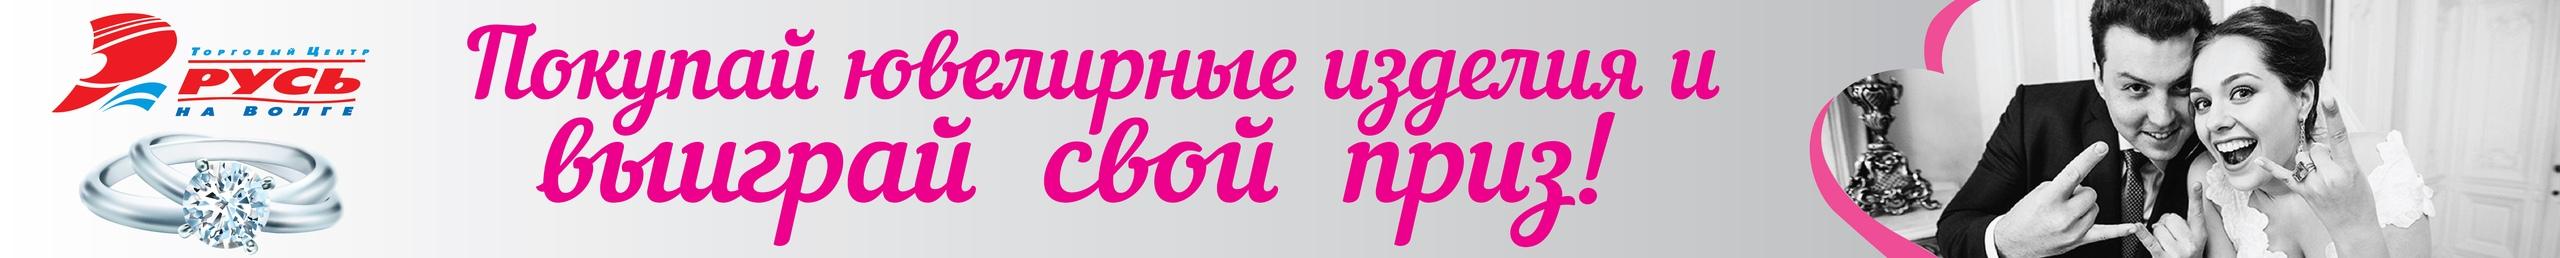 В «Русь на Волге» суперакция! Выбери украшение и выиграй подарок!